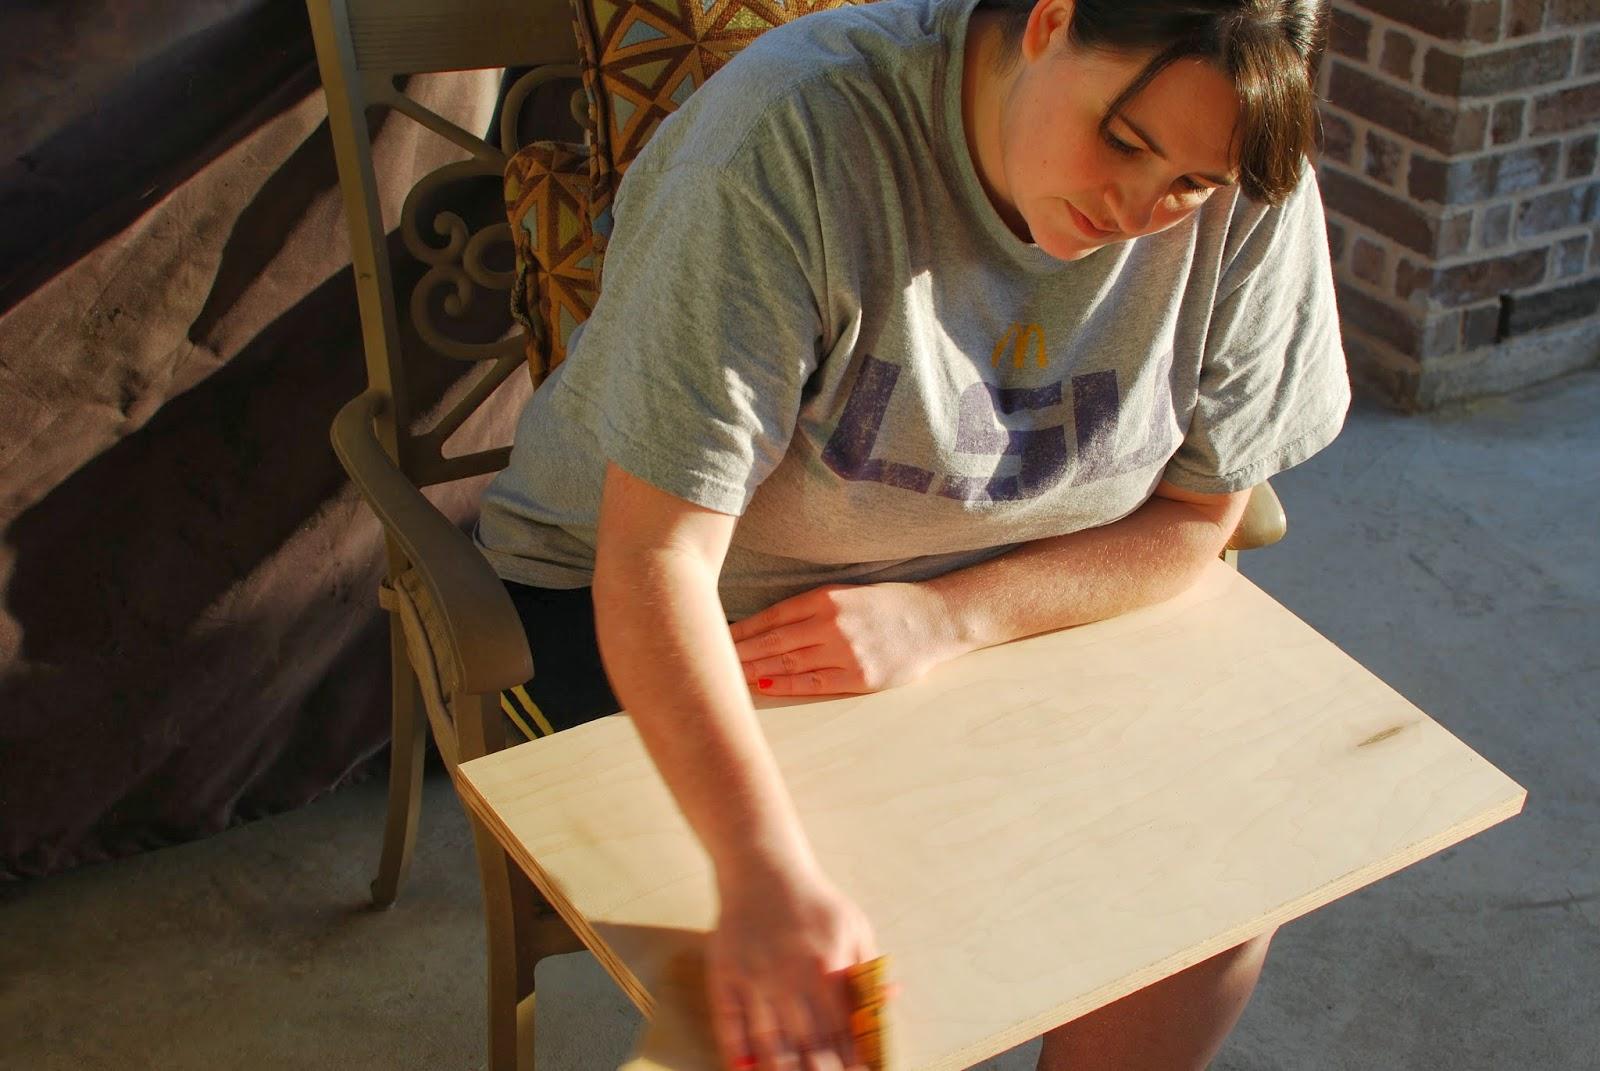 girl sanding maple wood